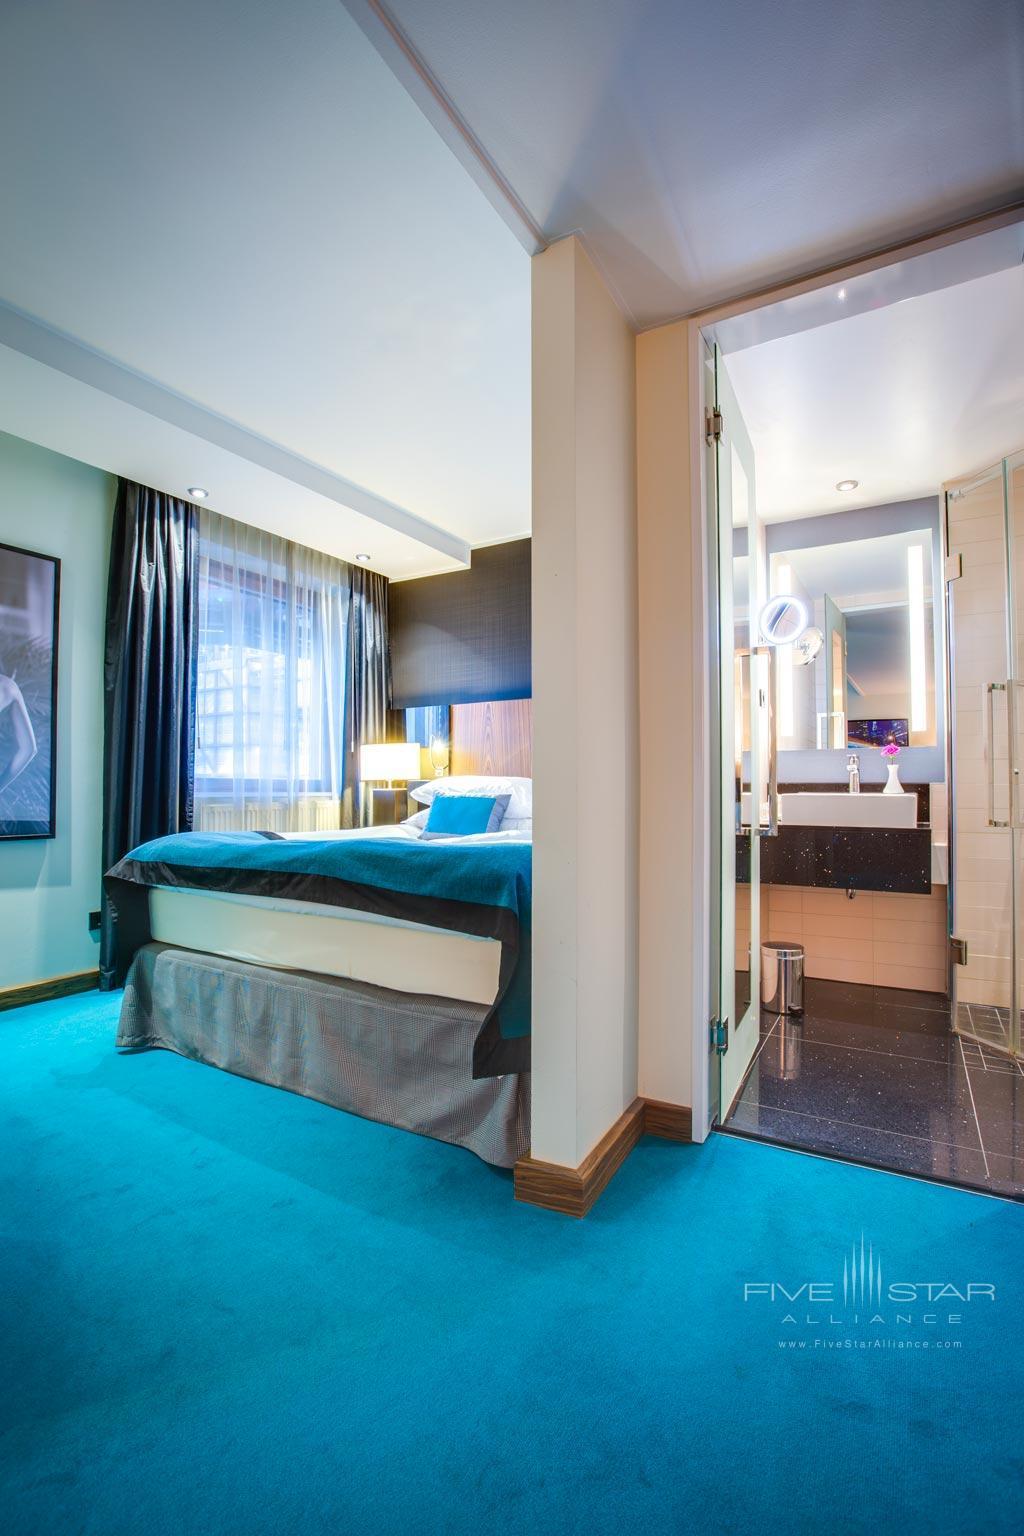 Guest Room at Radisson Blu Royal Viking Hotel Stockholm, Sweden